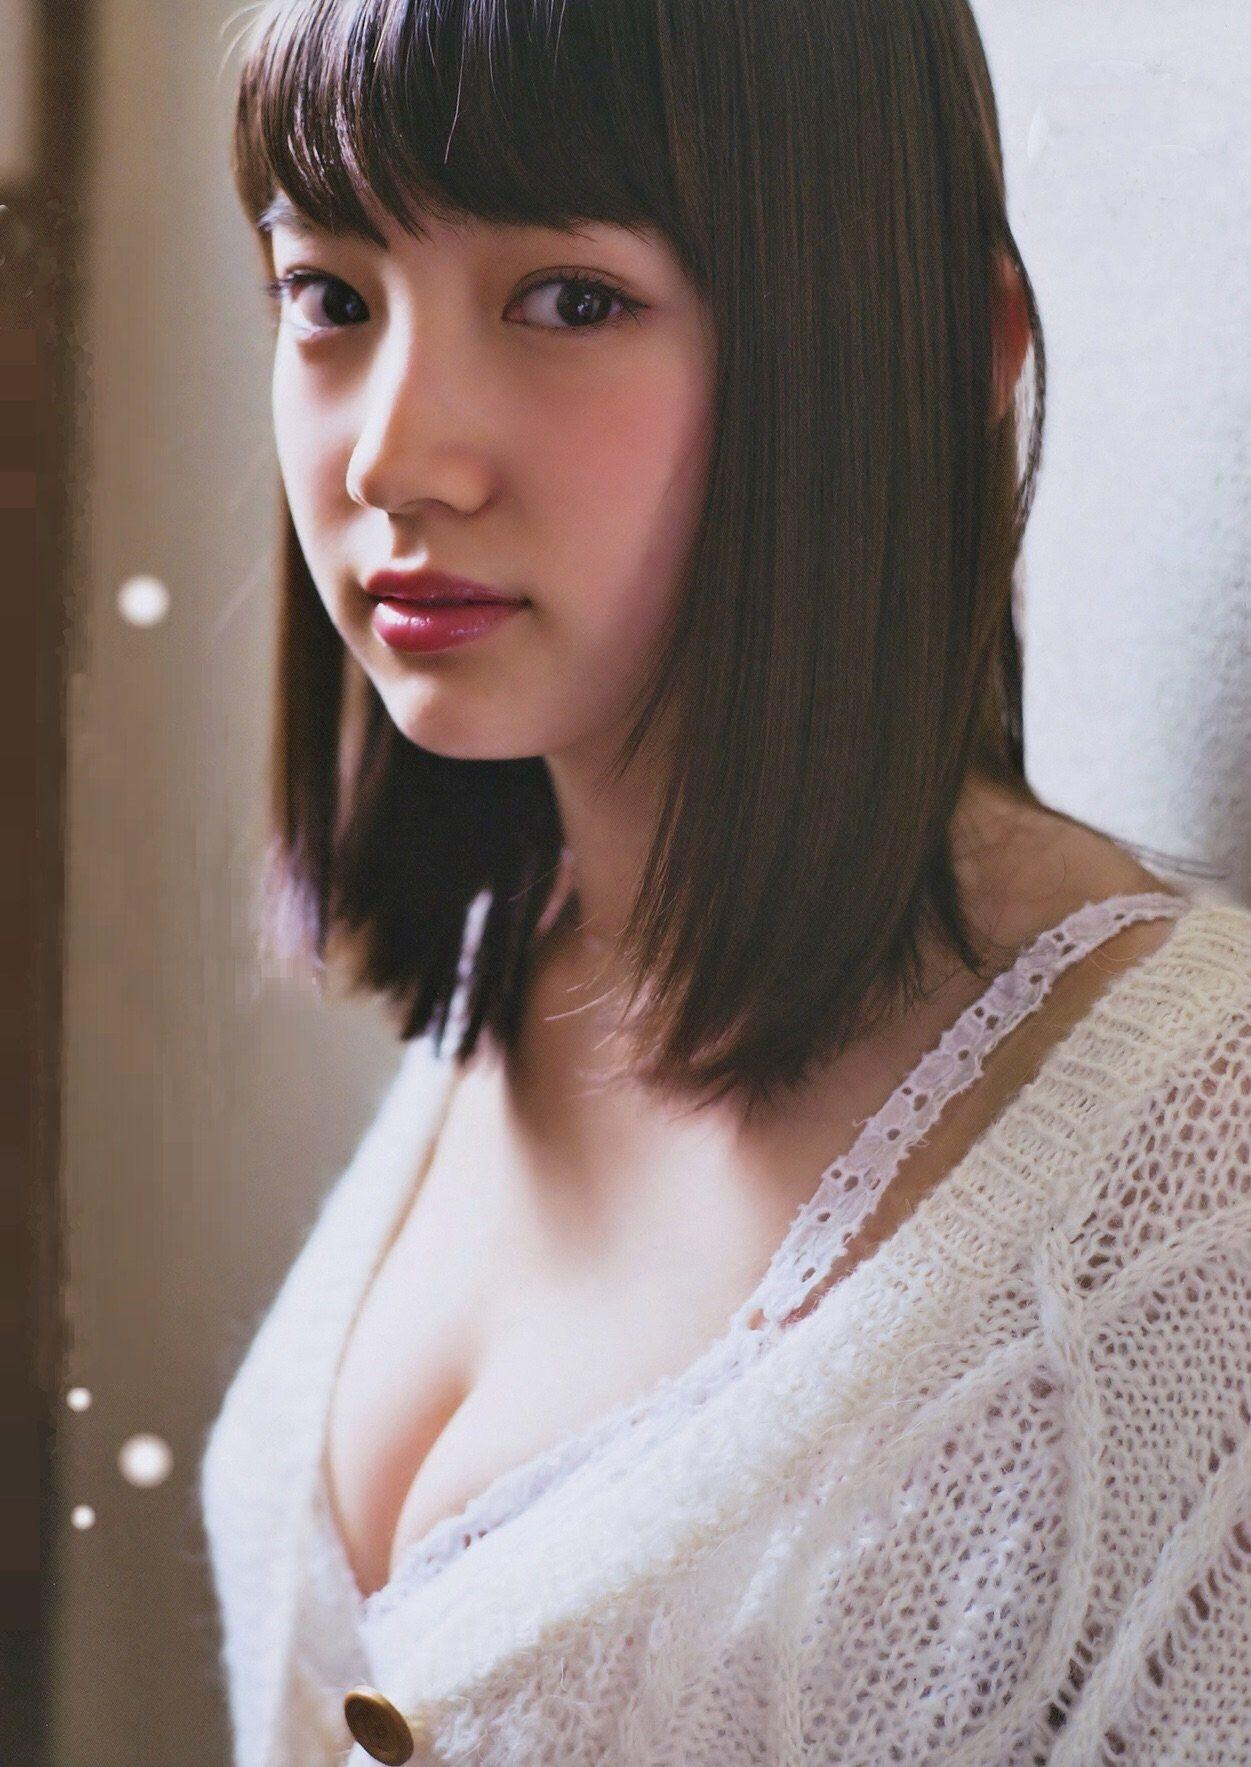 太田夢莉のセクシー画像